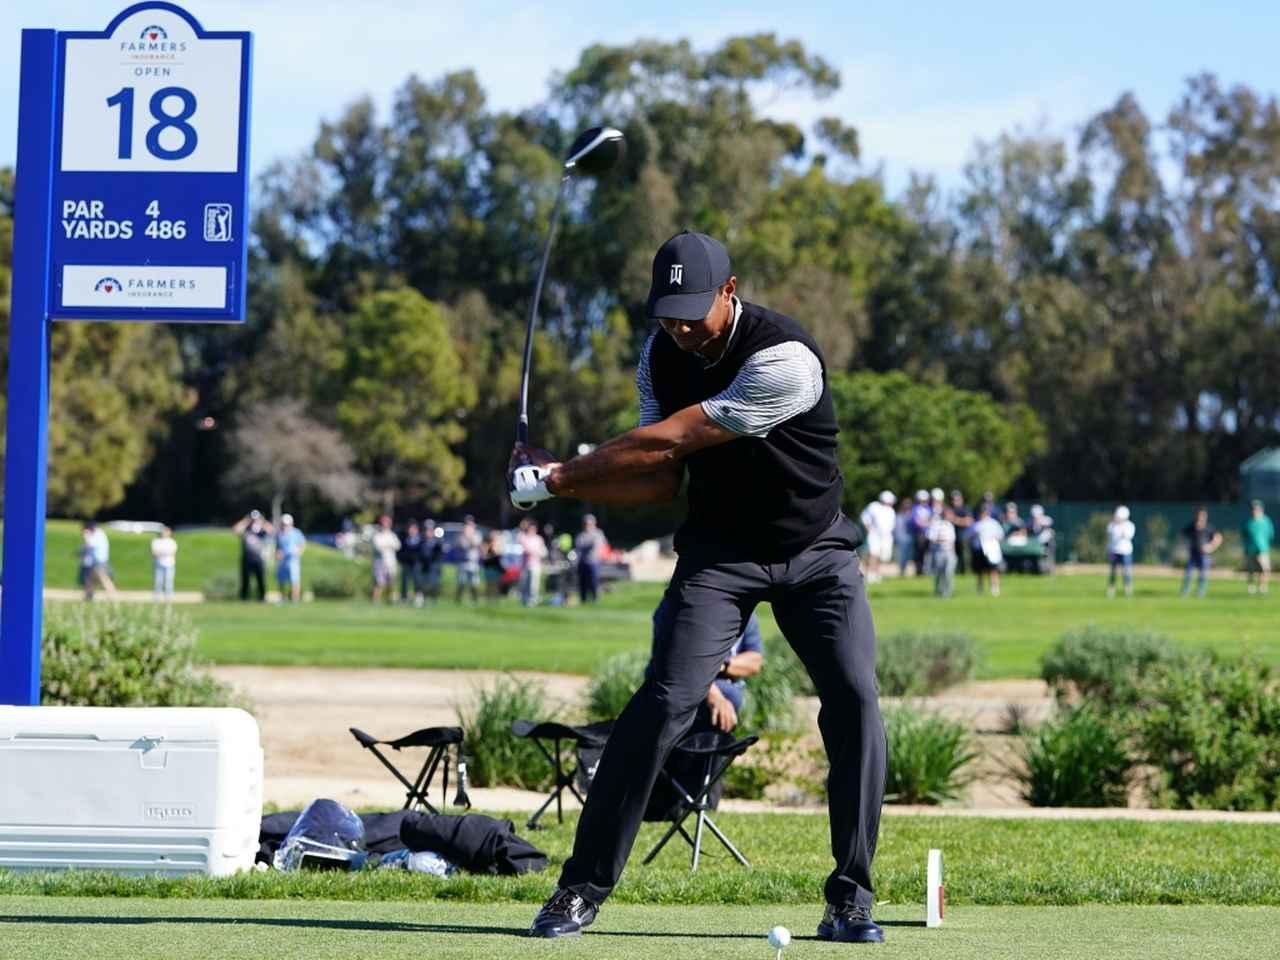 画像3: 【ギア研究】PGAツアートップ選手のレプリカドライバーを組んで打った。「運命のシャフトとヘッド」見つけ方